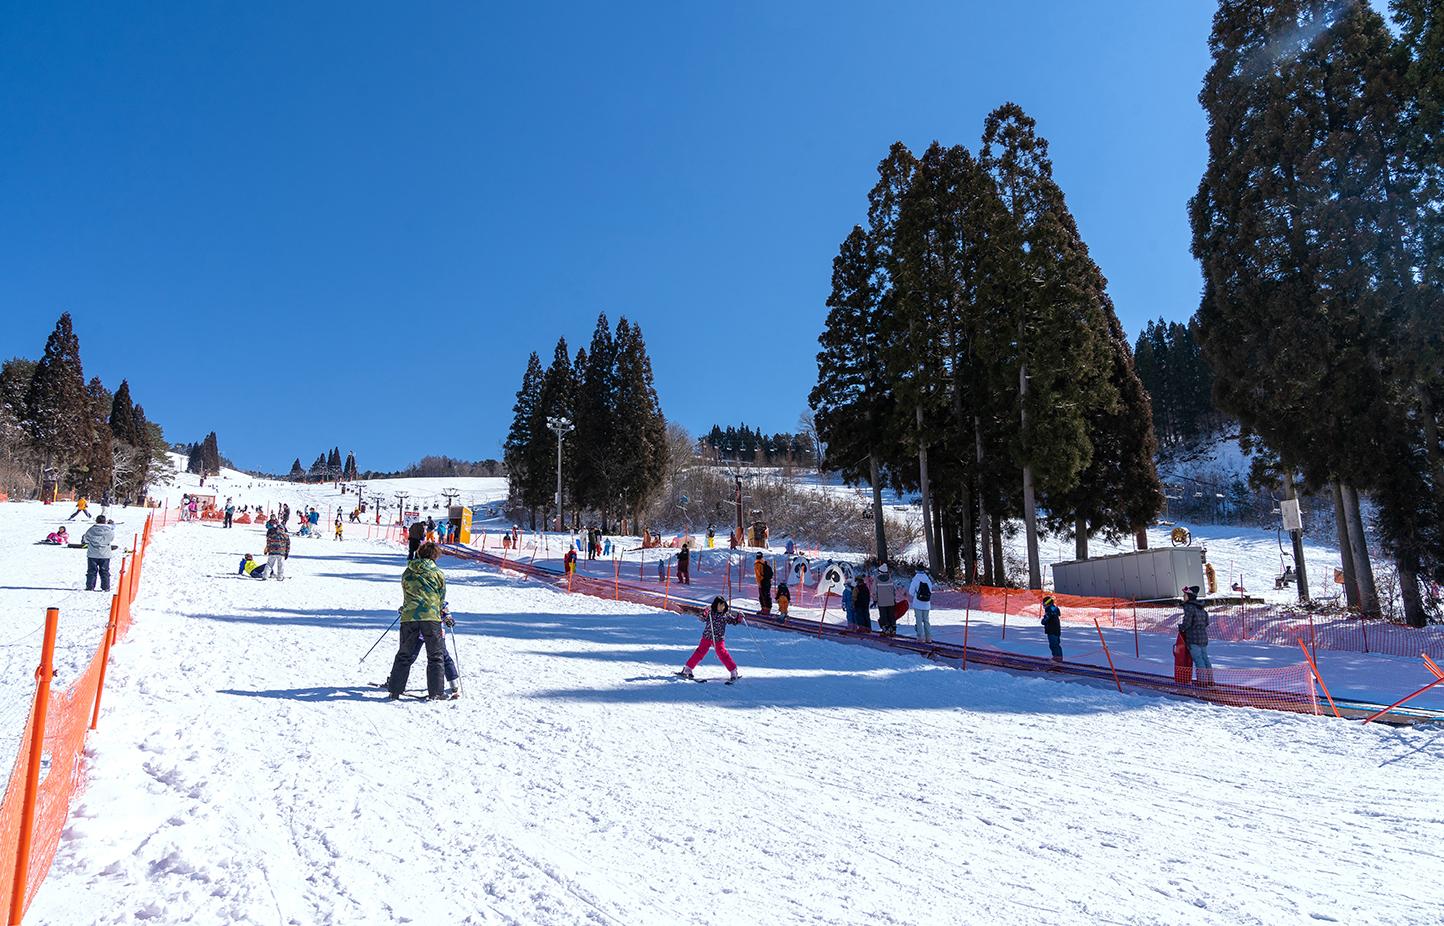 鷲ヶ岳スキー場 スライダー画像2